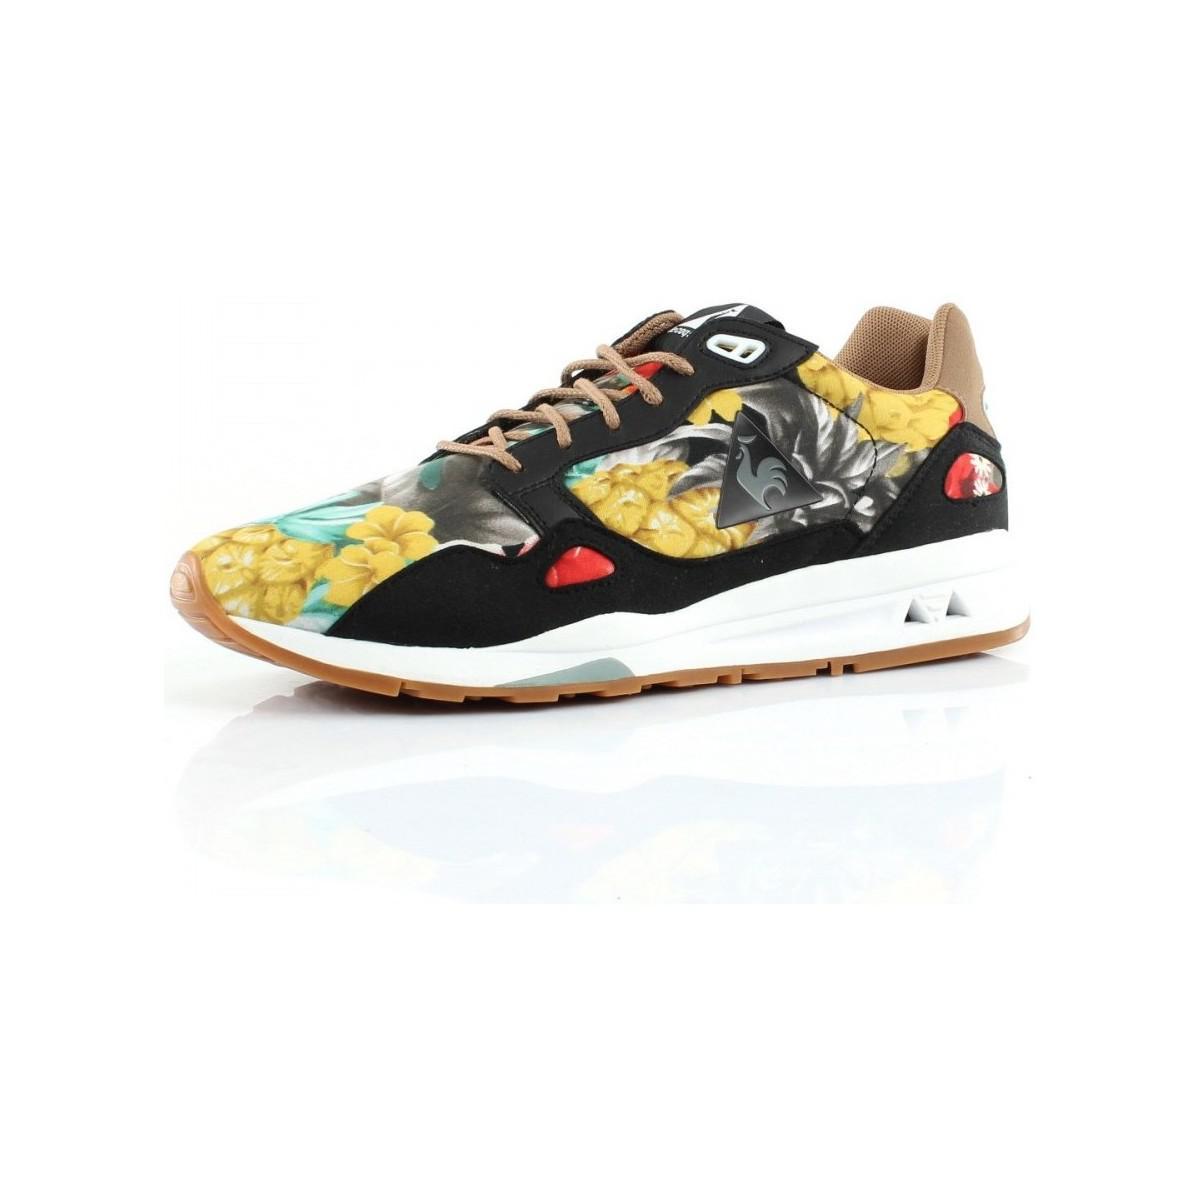 3f5ee2c135c Lyst - LCS R900 Flowers hommes Chaussures en Multicolor Le Coq ...